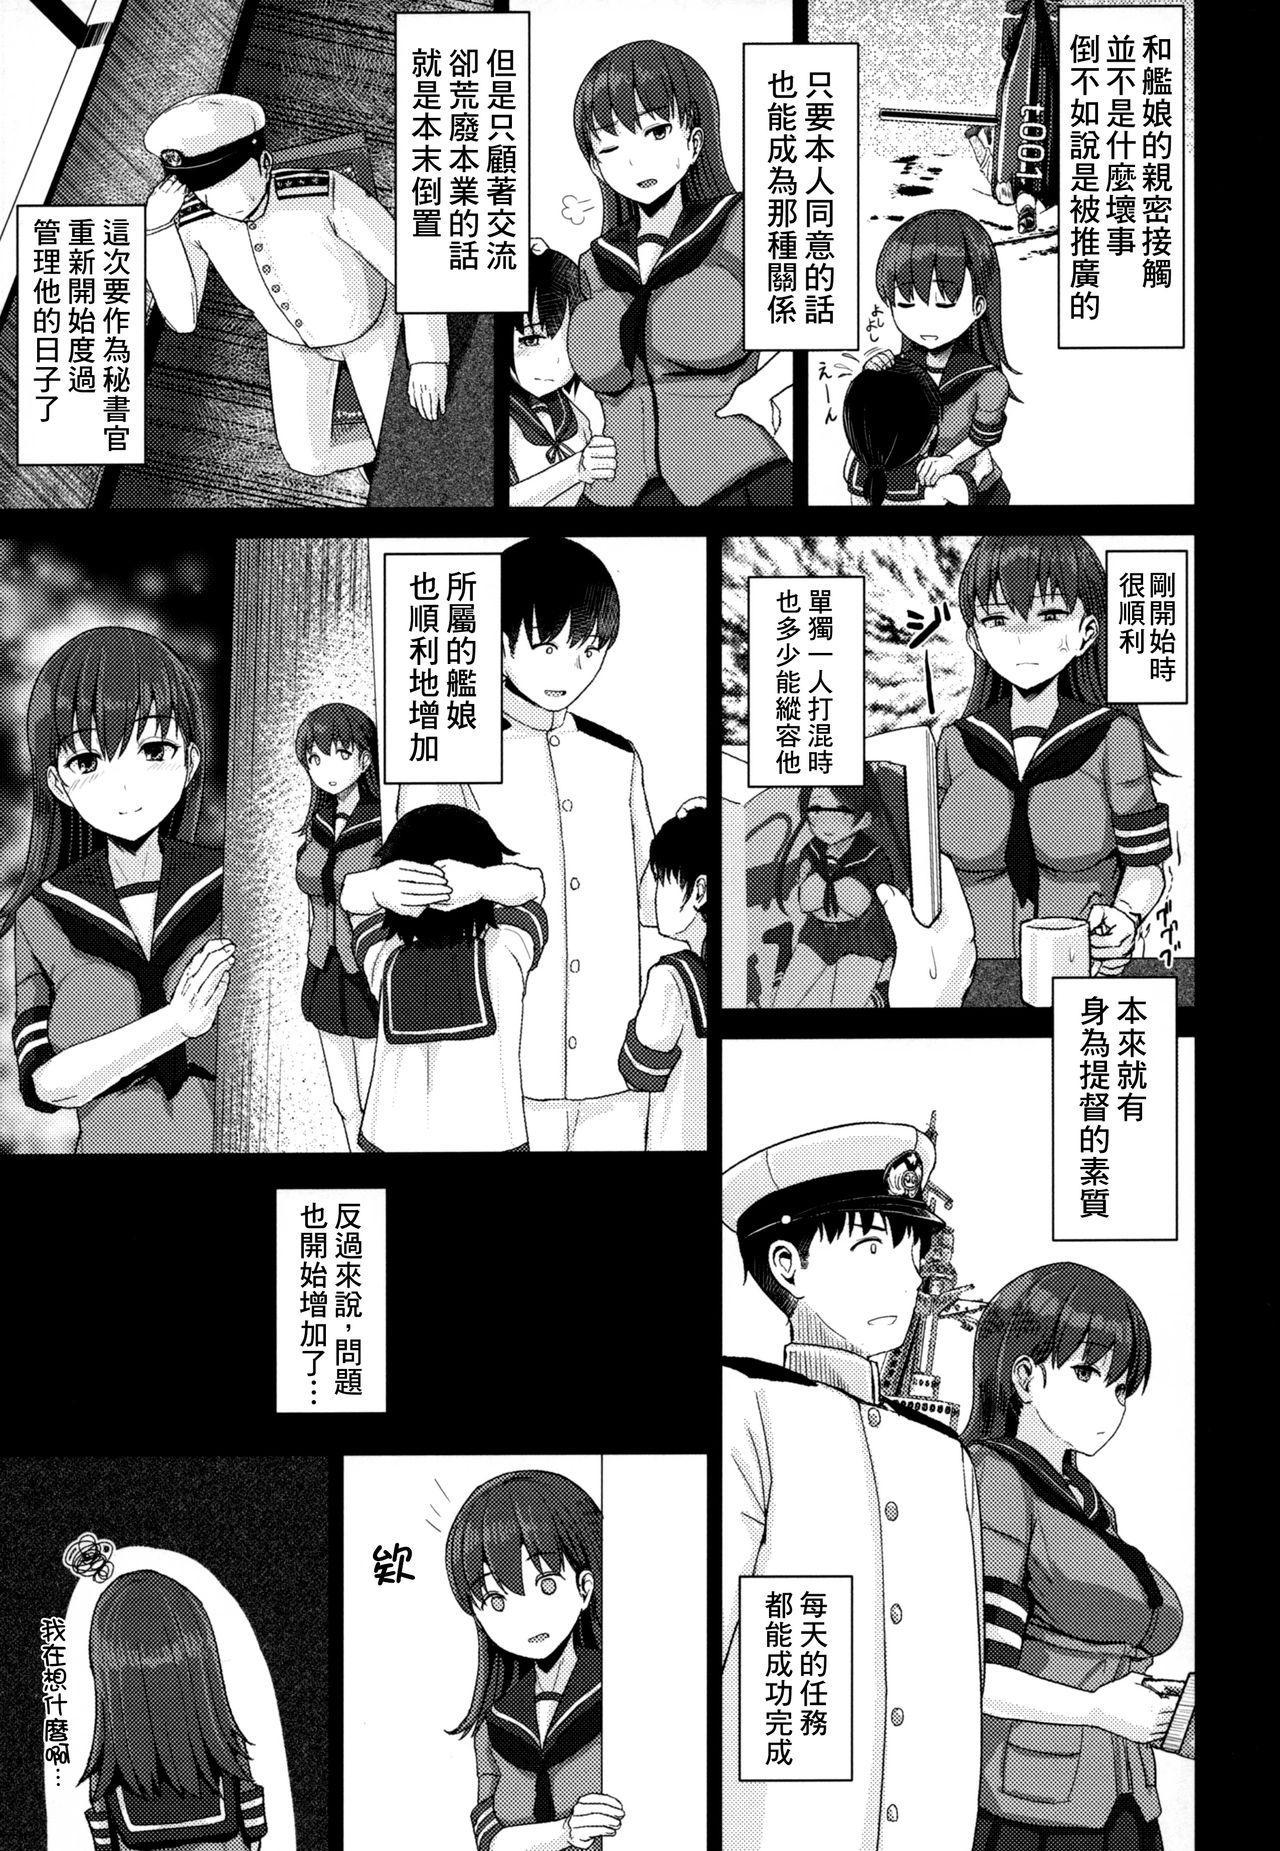 Ooicchi ni Aka-chan ga Imasu 6